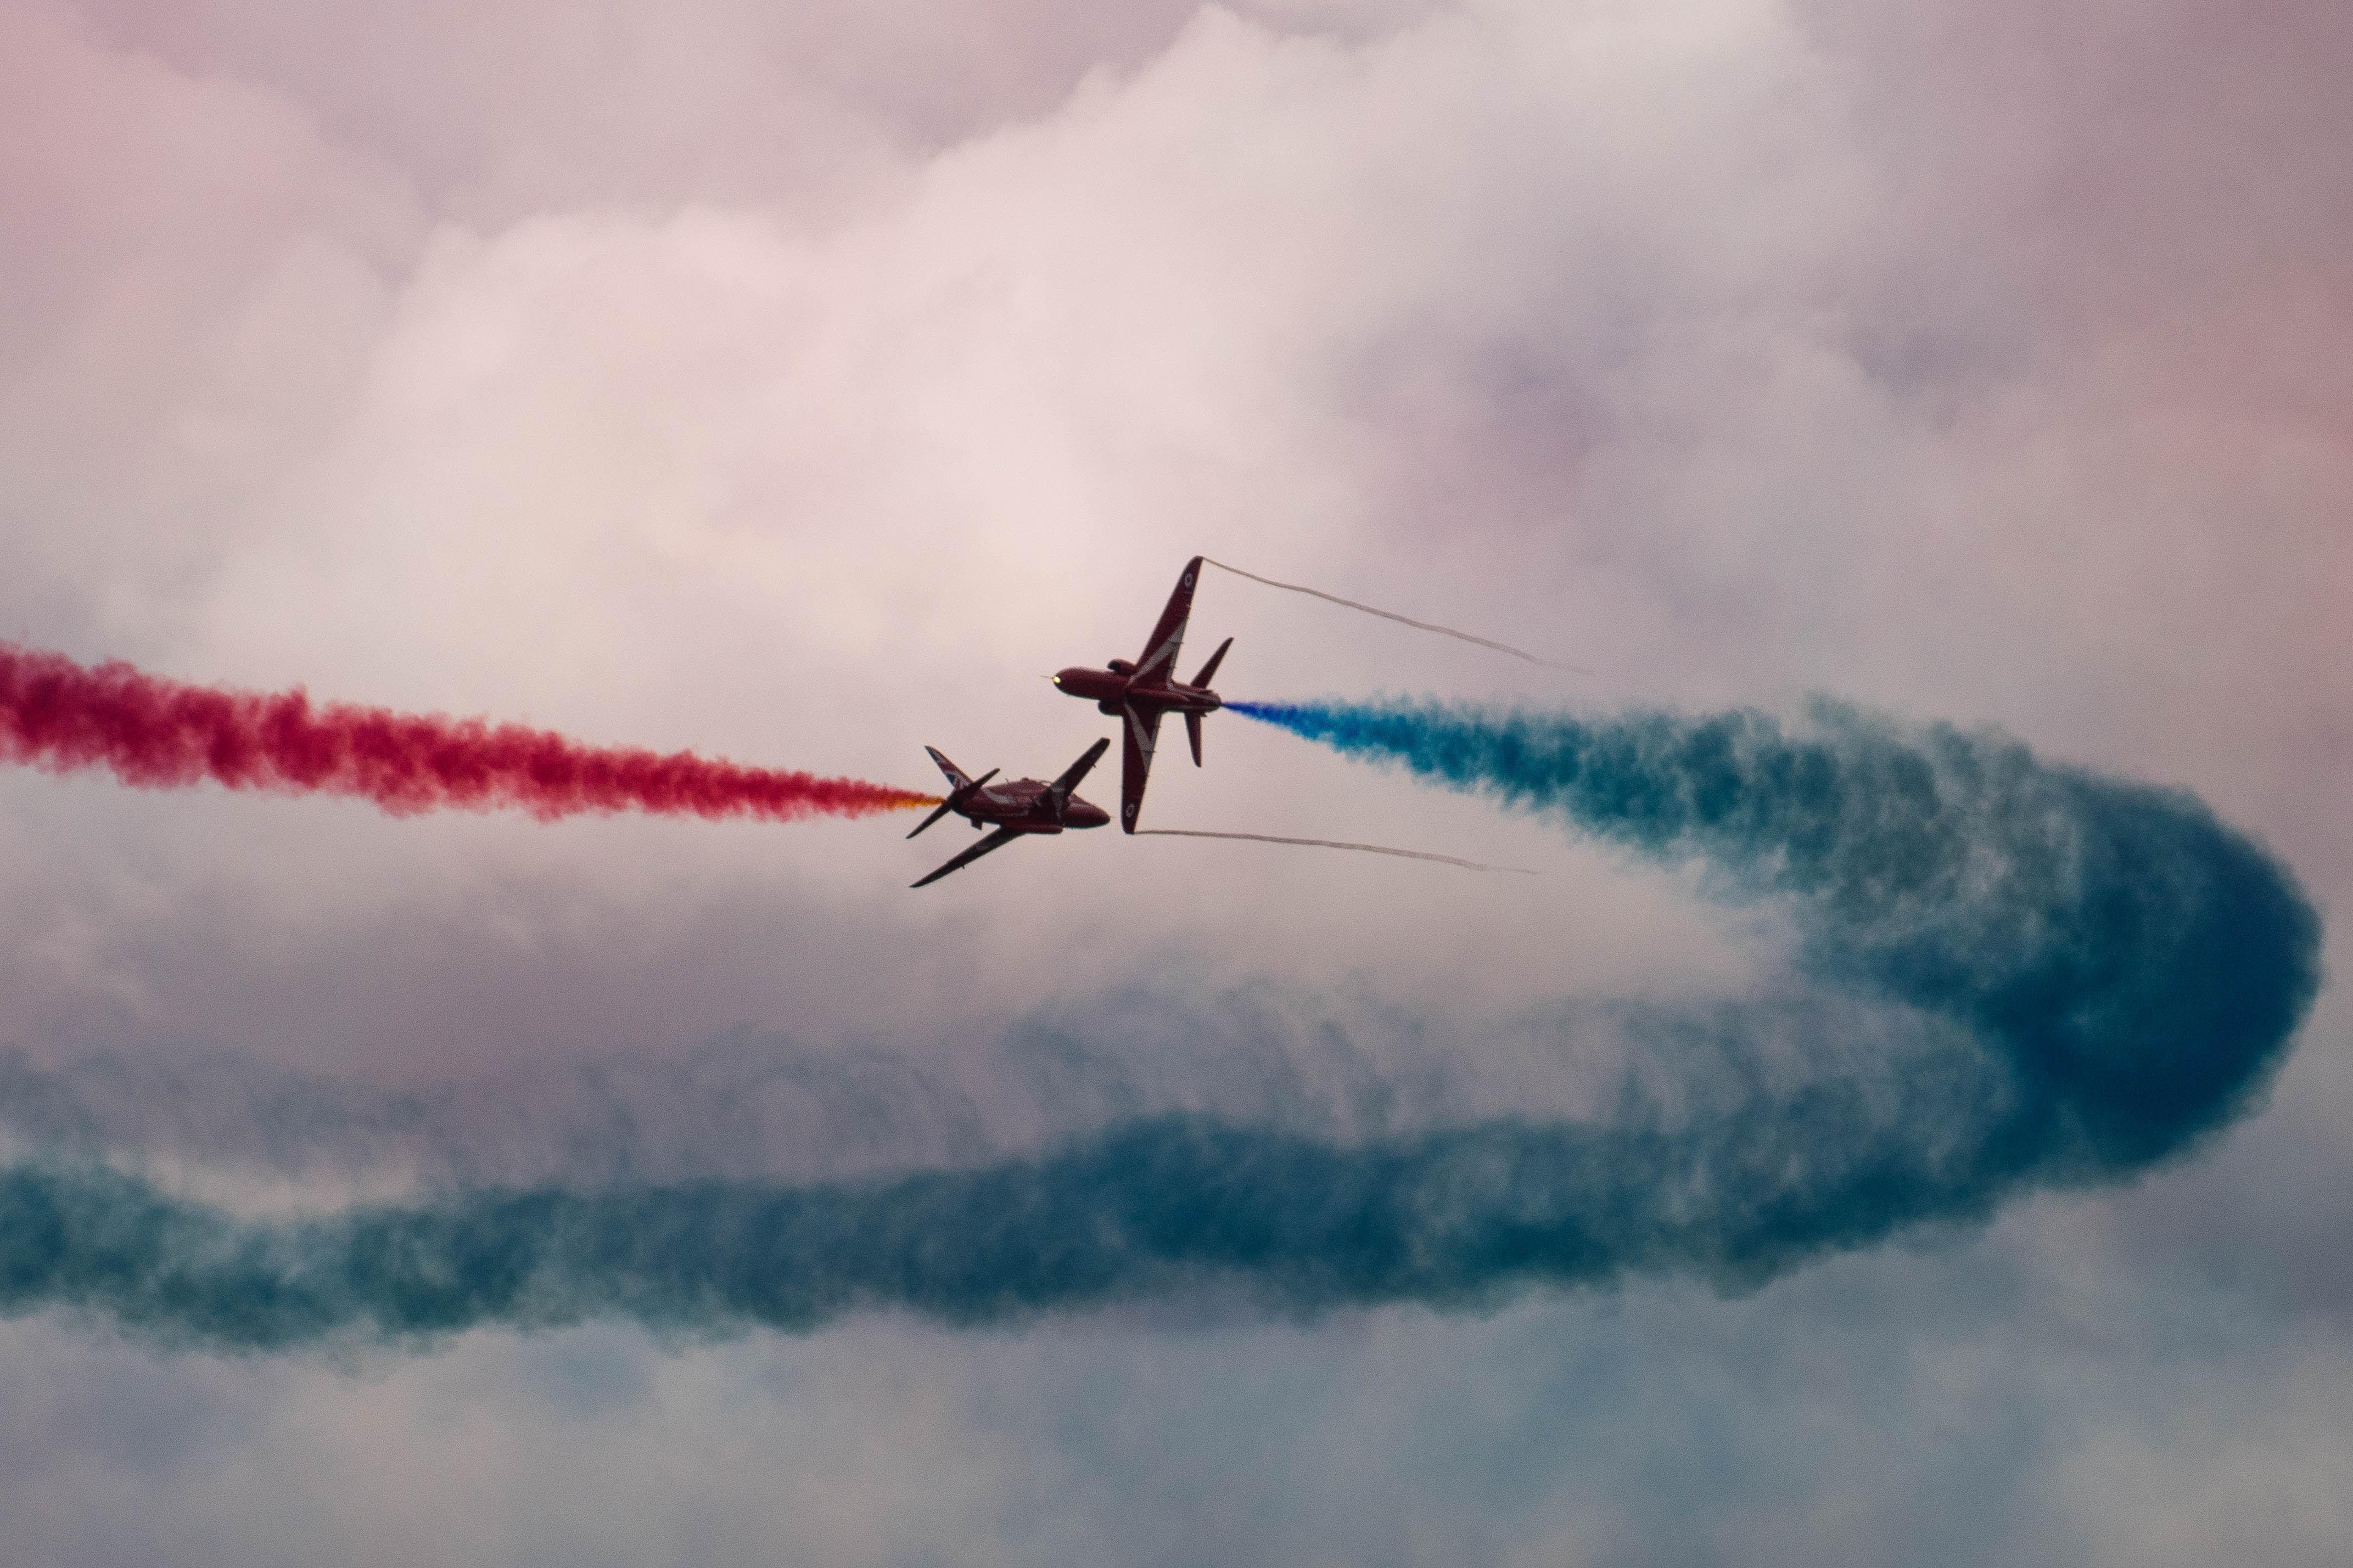 aircraft making air show